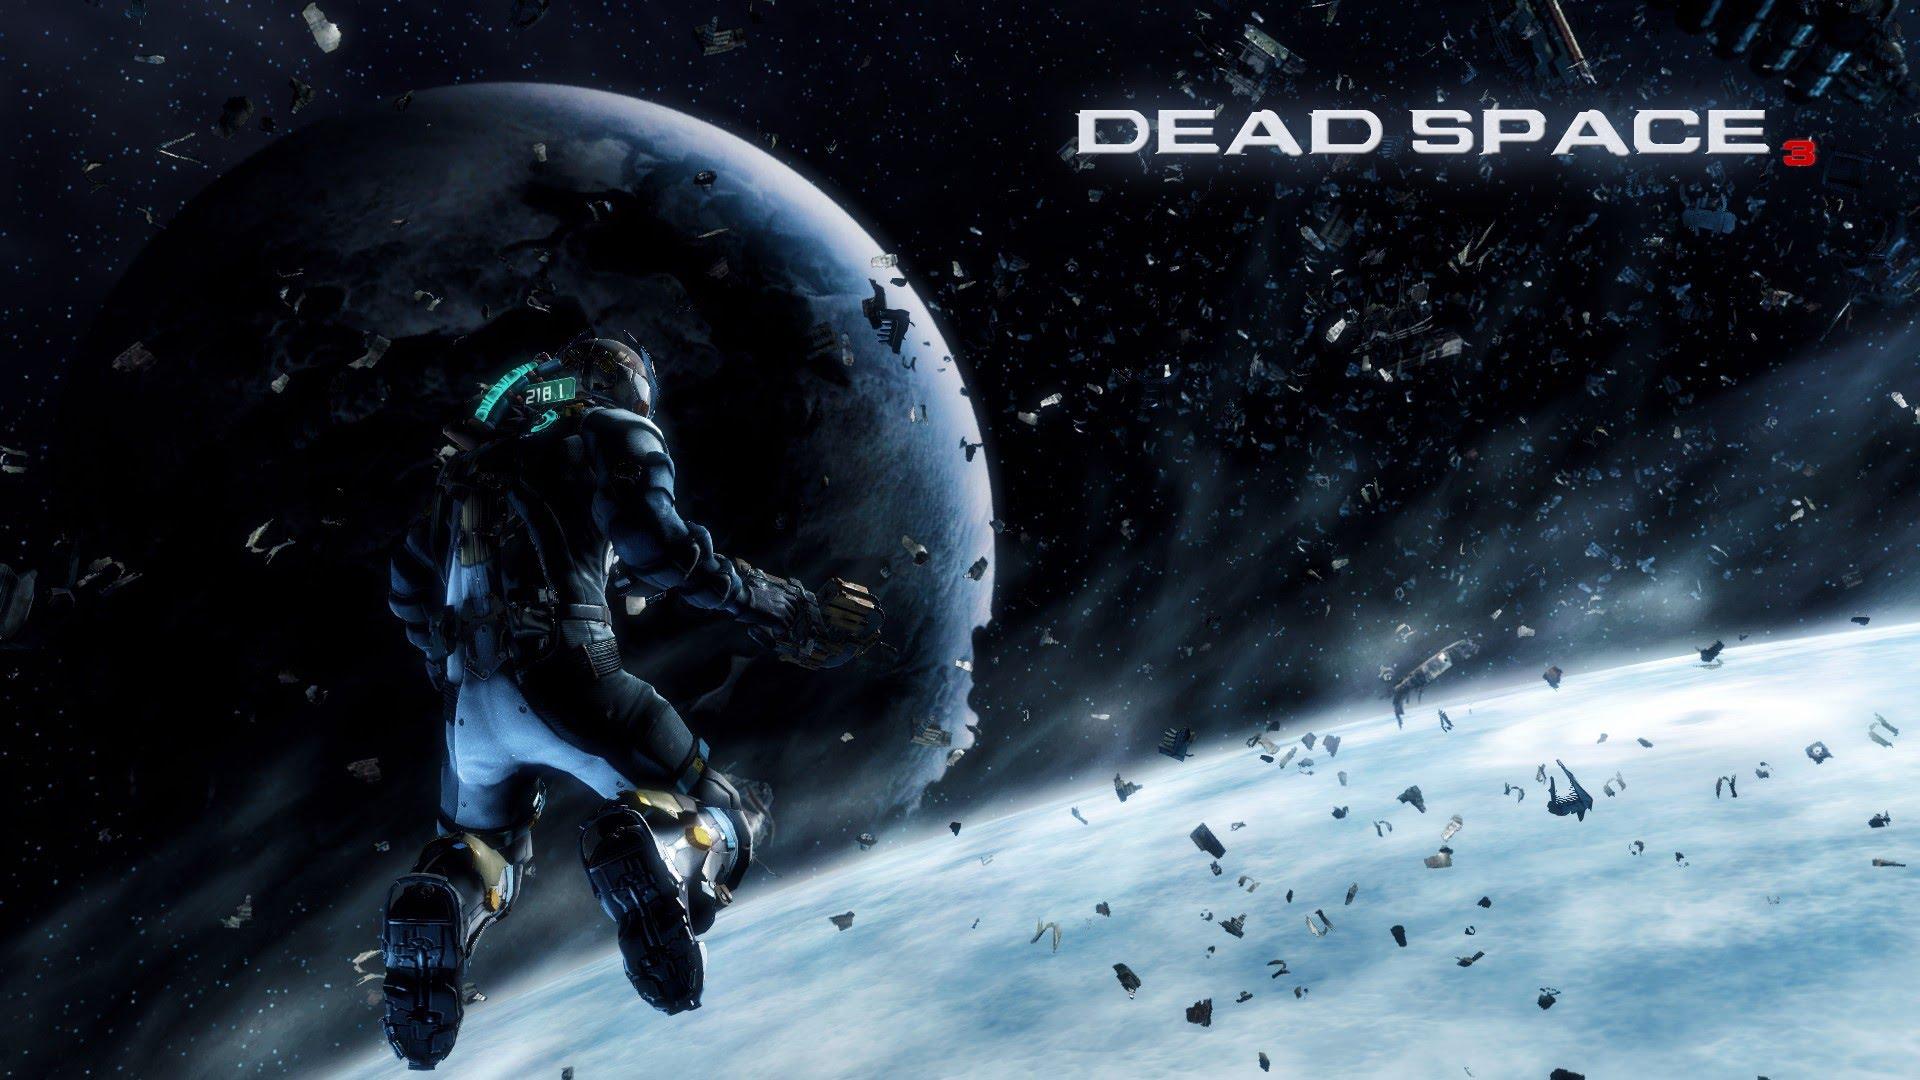 Dead Space 3 Hd Wallpaper - Dead Space 3 Hd , HD Wallpaper & Backgrounds